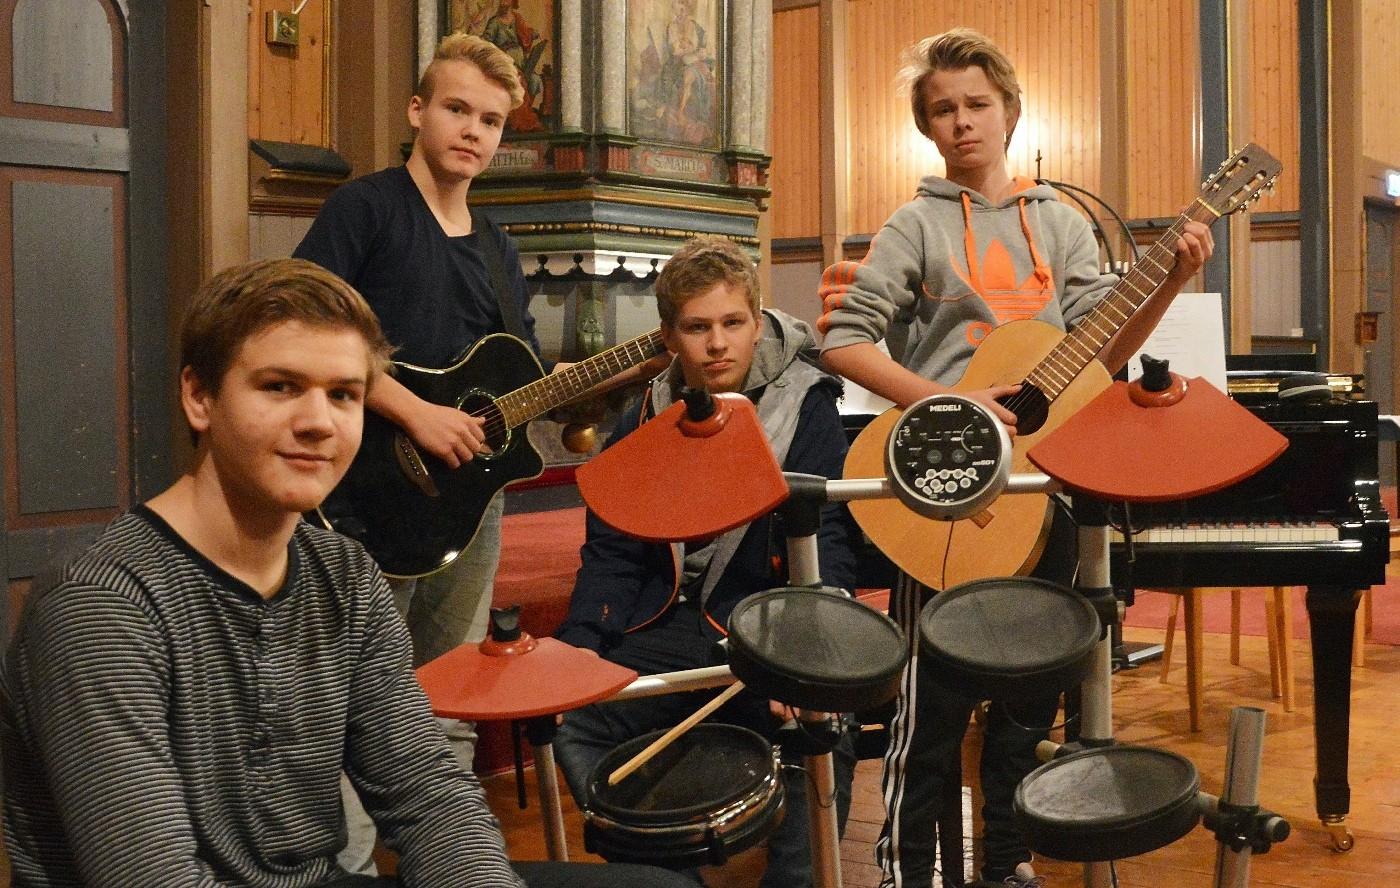 Bandet med Eirik (frå venstre), Torstein, Erik og Per Emil øver i Stangvik kyrkje. (Foto: Bernt G. Bøe)